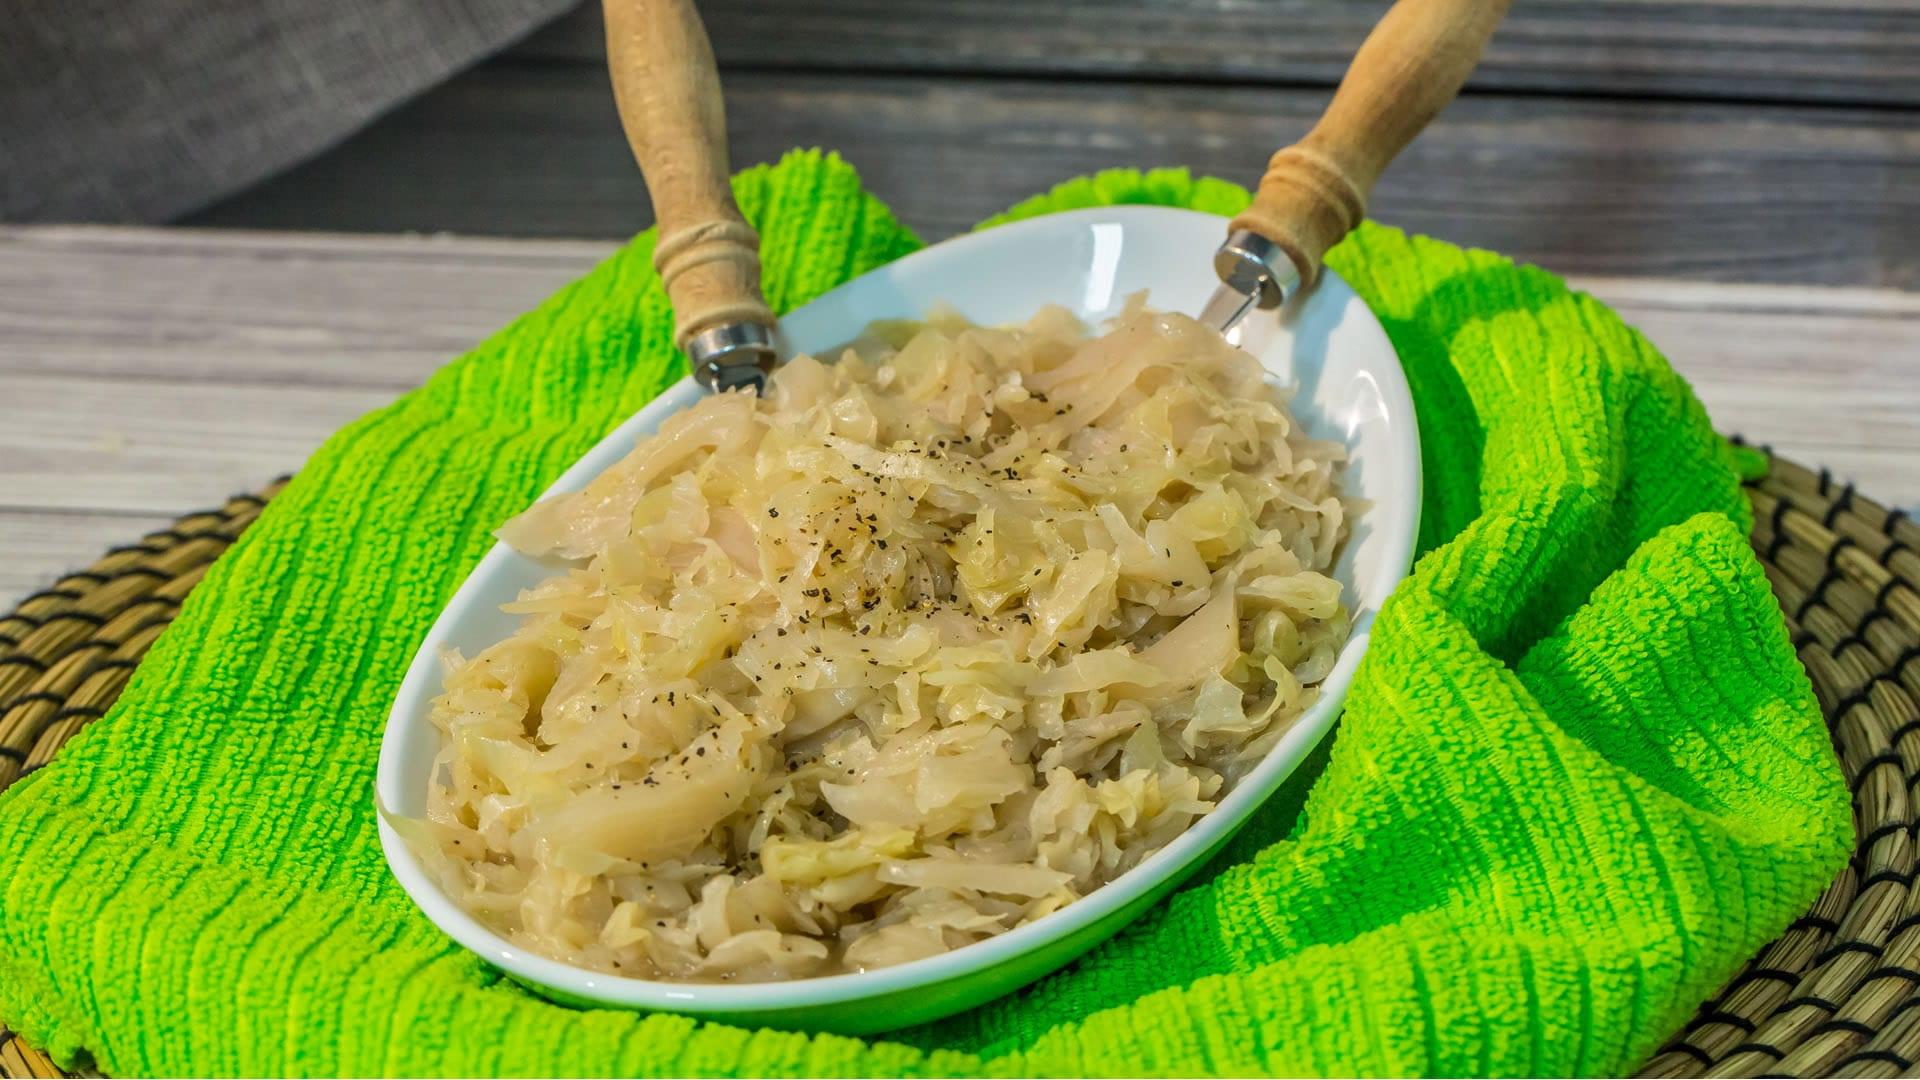 Foto Come Cucinare il Cavolo Cappuccio Senza Grassi